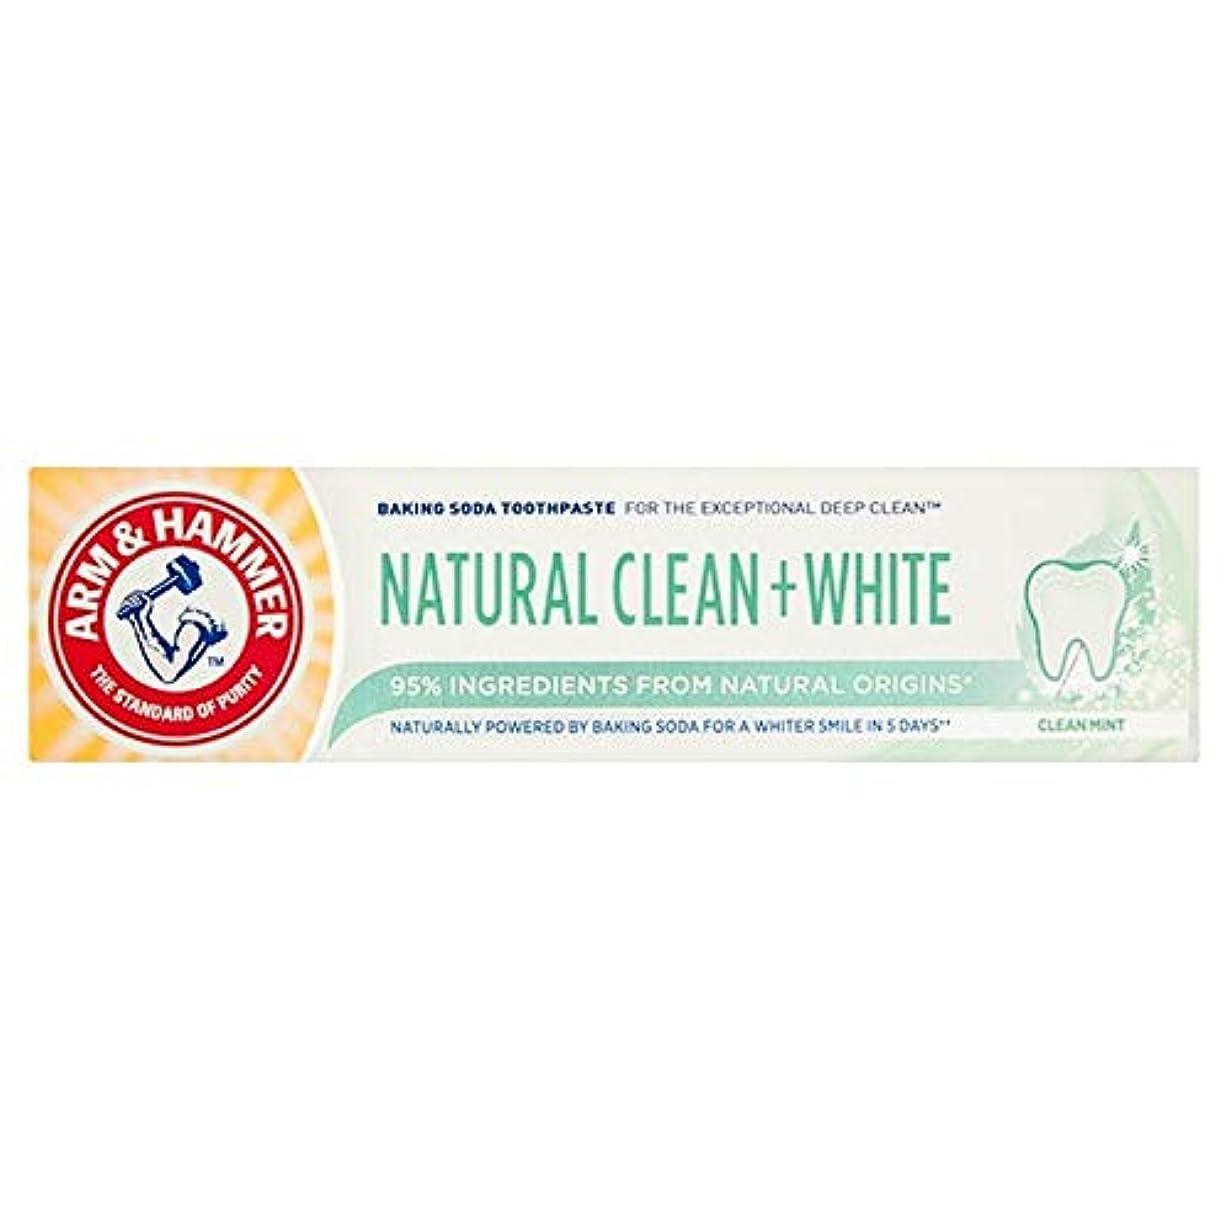 機関車タイル姓[Arm & Hammer ] アーム&ハンマーナチュラルクリーン+白75ミリリットル - Arm & Hammer Natural Clean + White 75ml [並行輸入品]